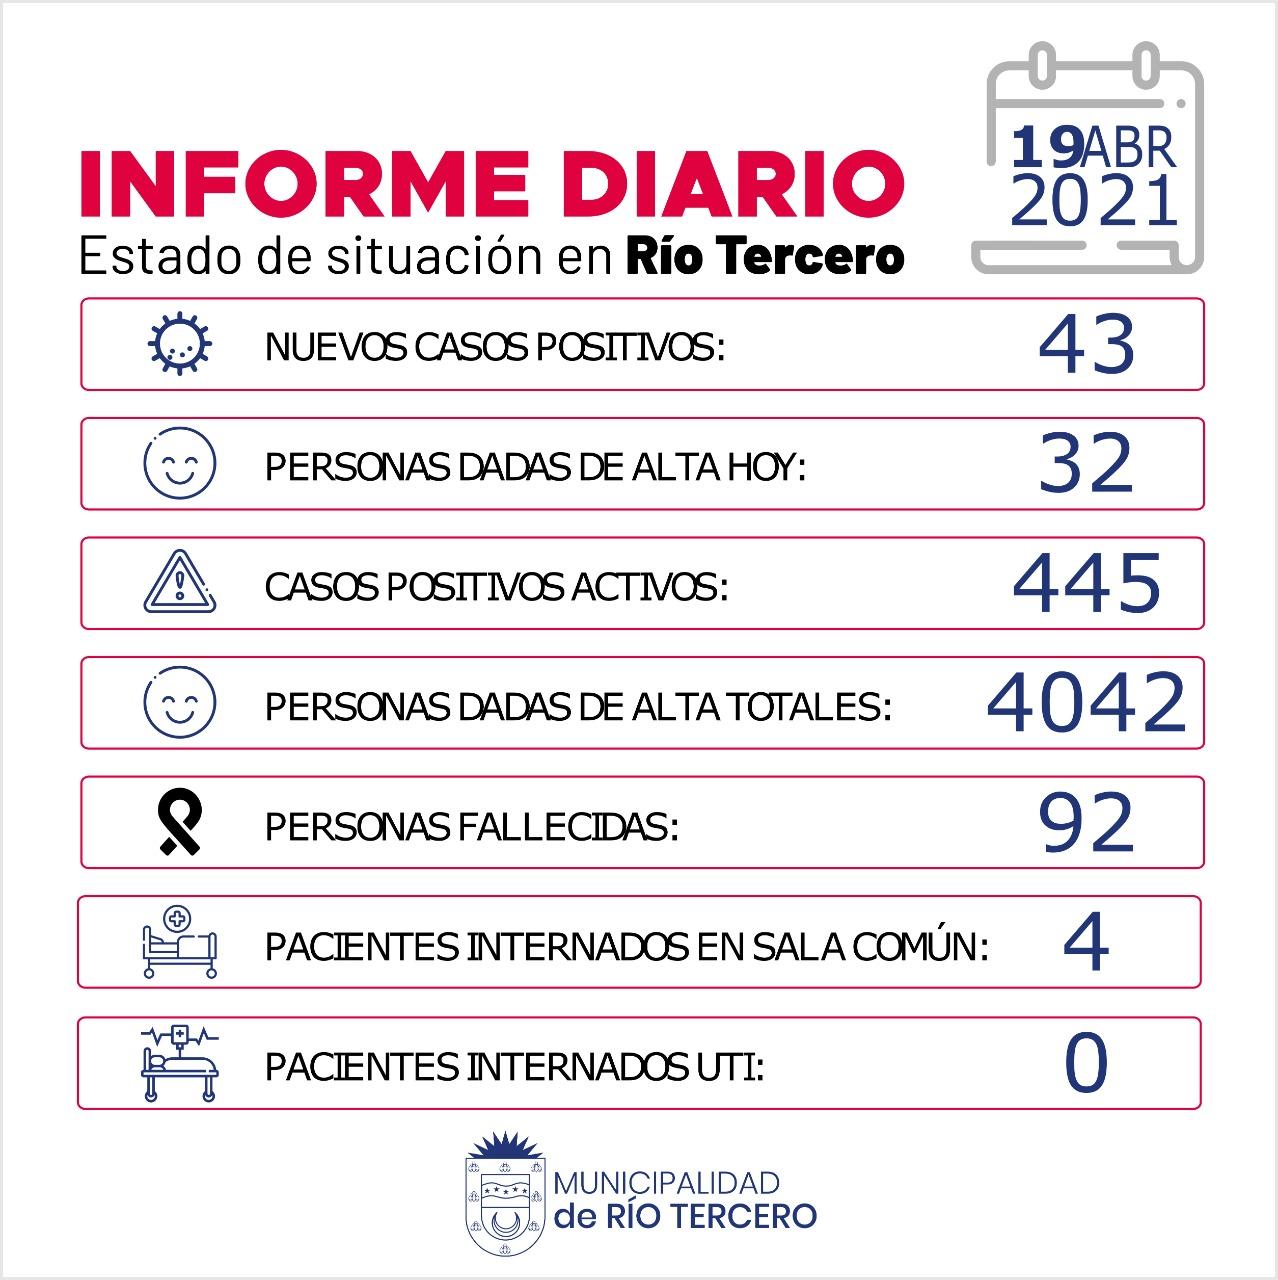 RÍO TERCERO TIENE 445 CASOS ACTIVOS: HOY SE REGISTRARON 43 NUEVOS CASOS POSITIVOS